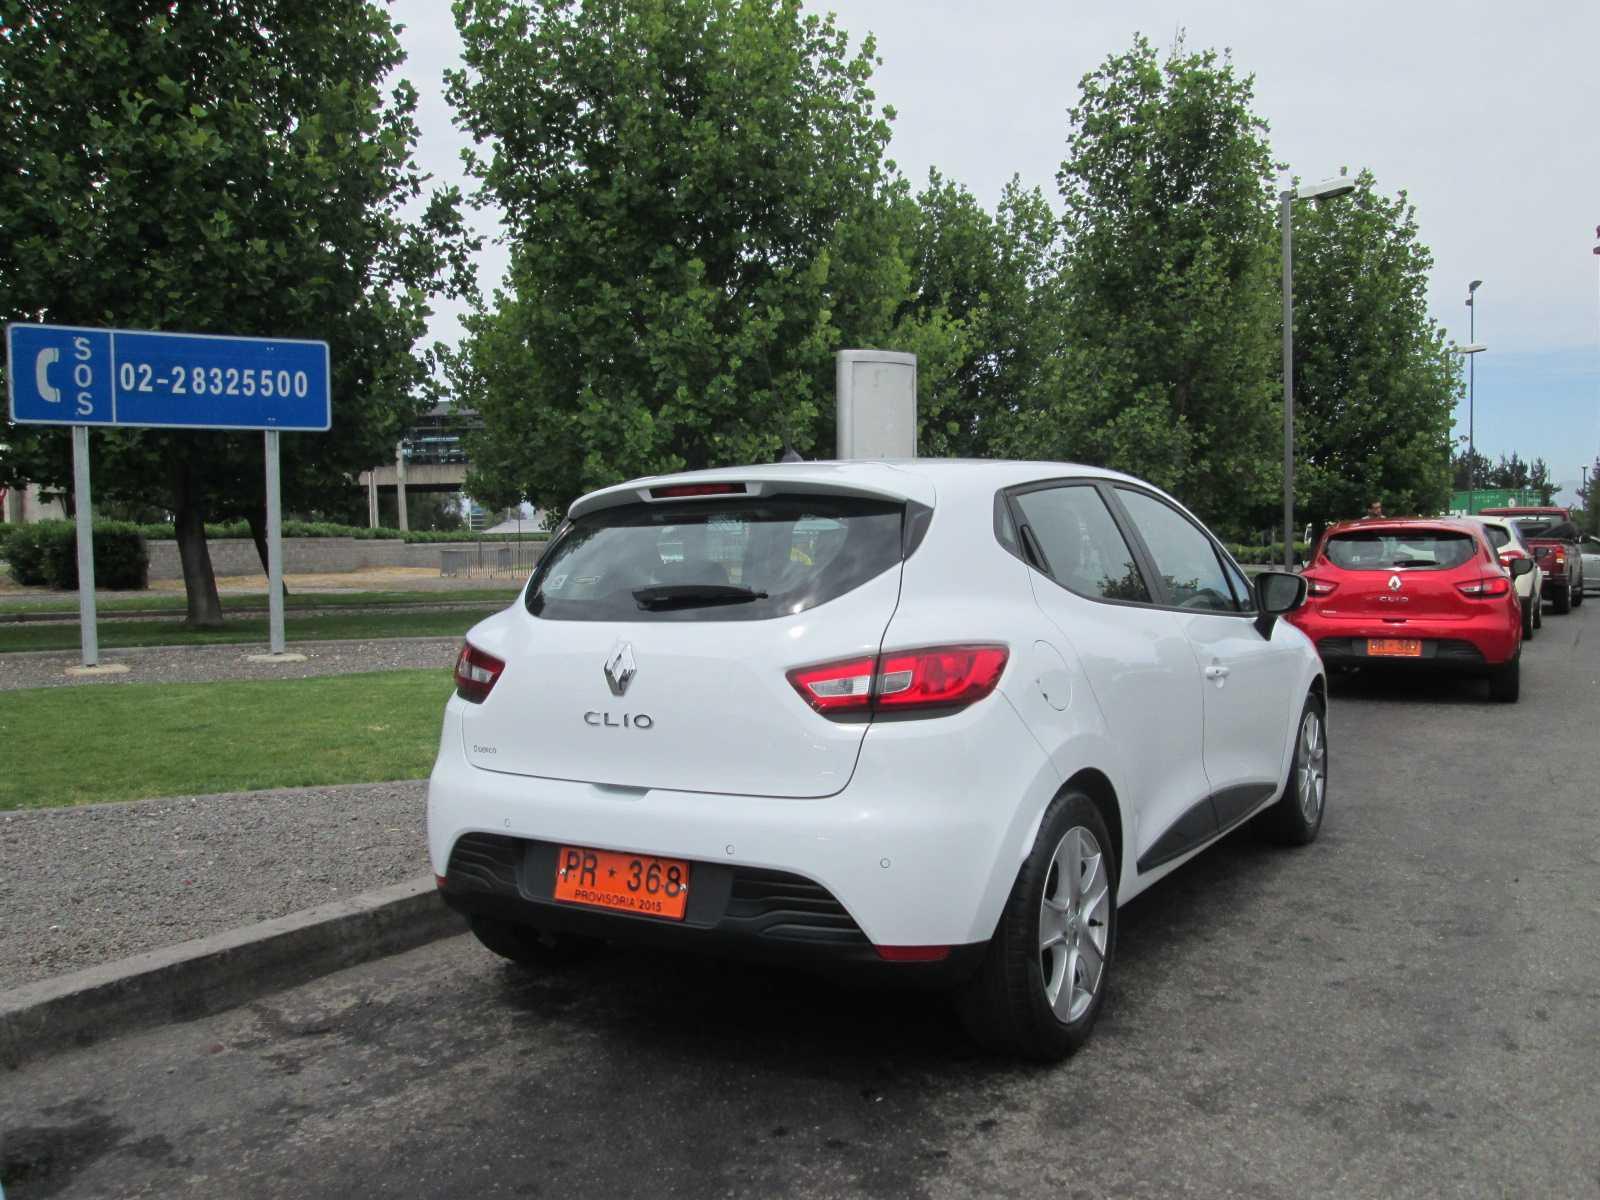 Renault Clio lanzamiento noviembre de 2015 (26)